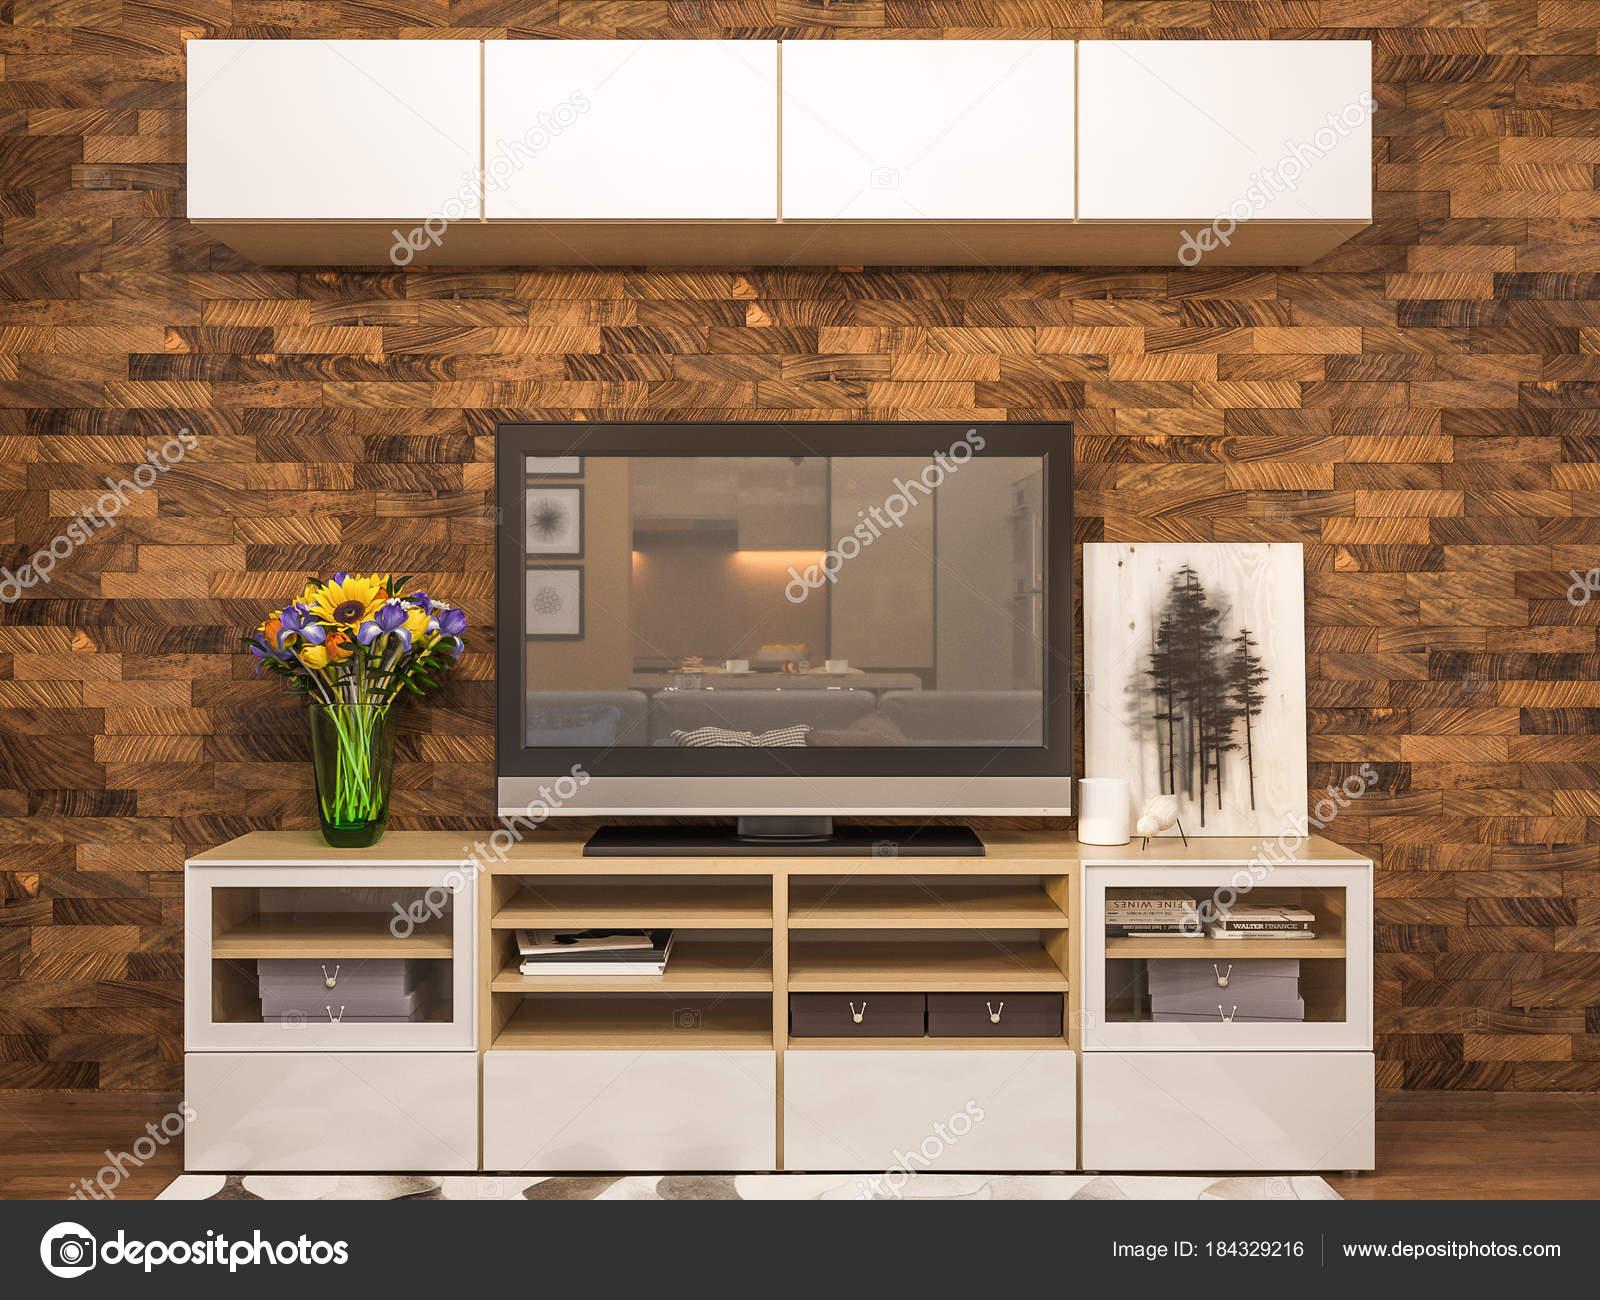 Kleur Corridor Appartement : D rendering woonkamer interieur moderne studio appartement in de